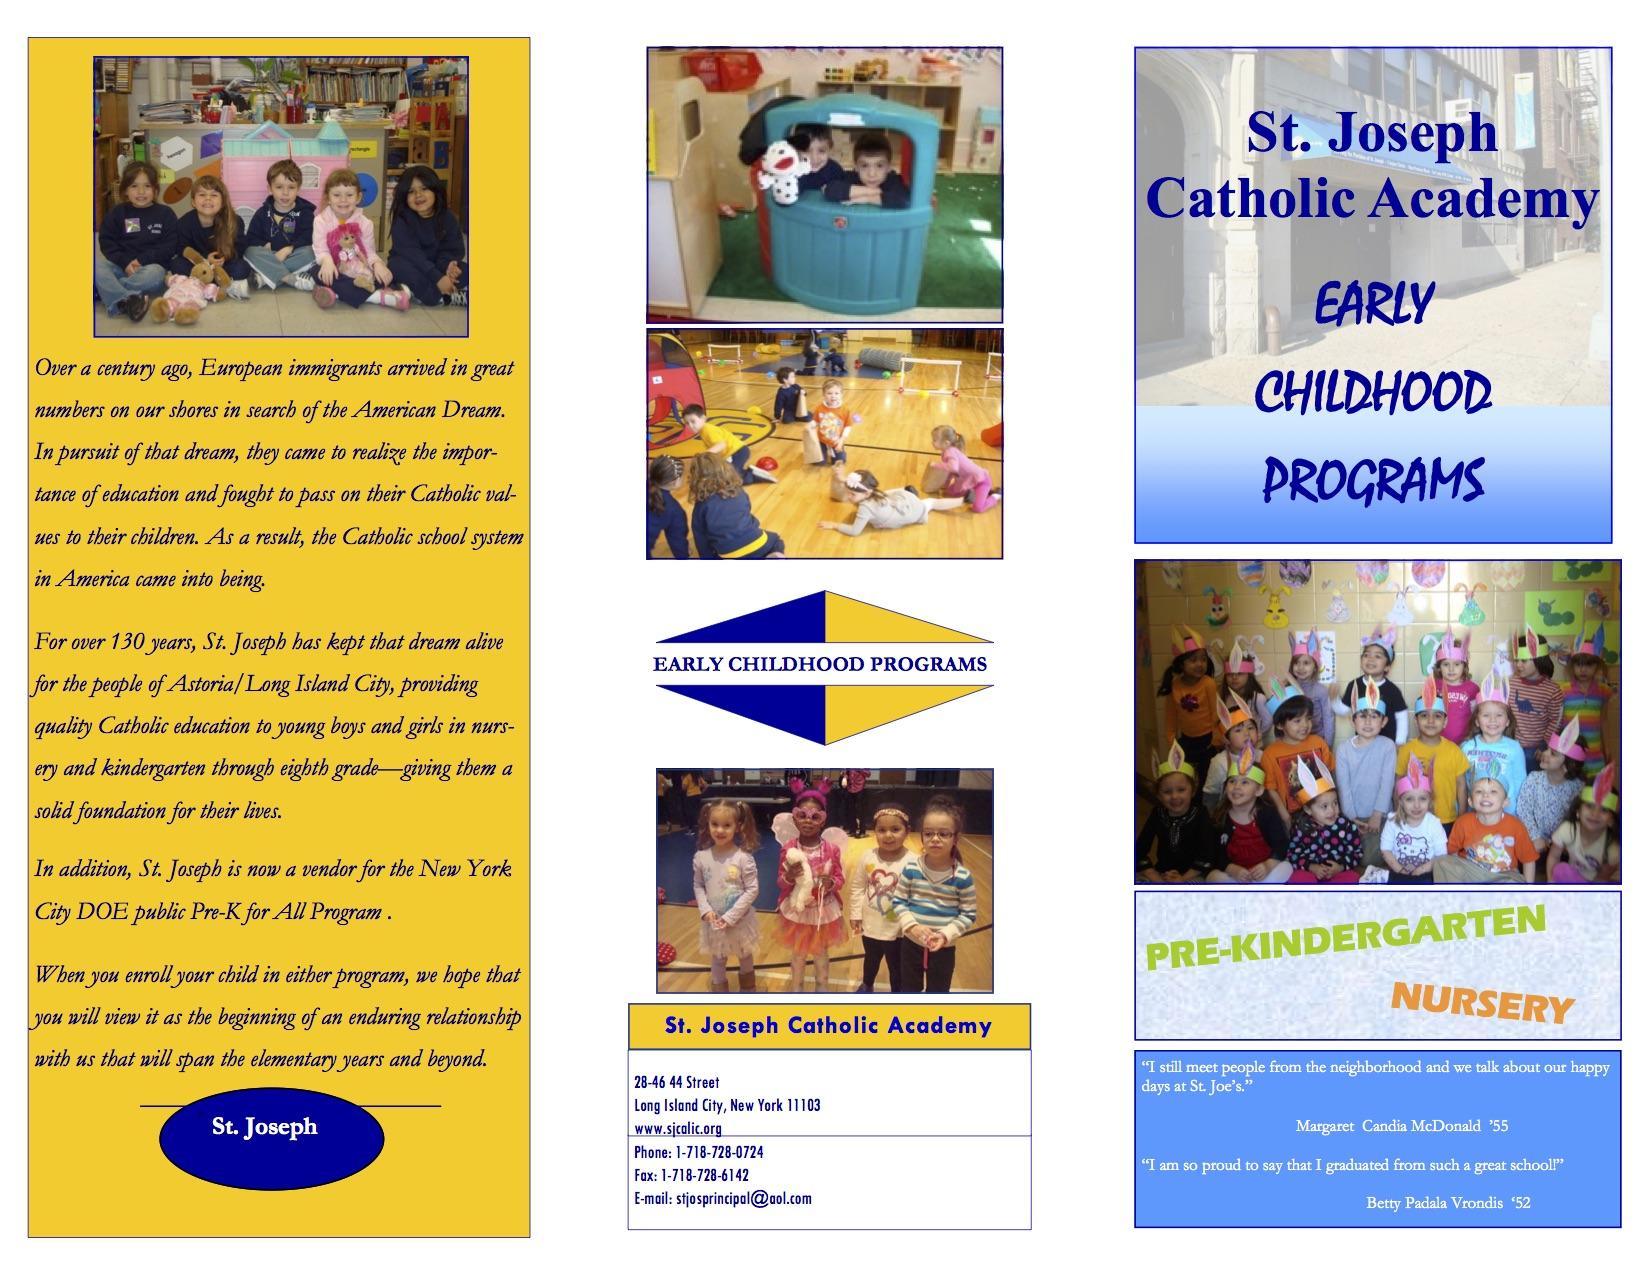 St. Joseph Catholic Academy Early Childhood Program